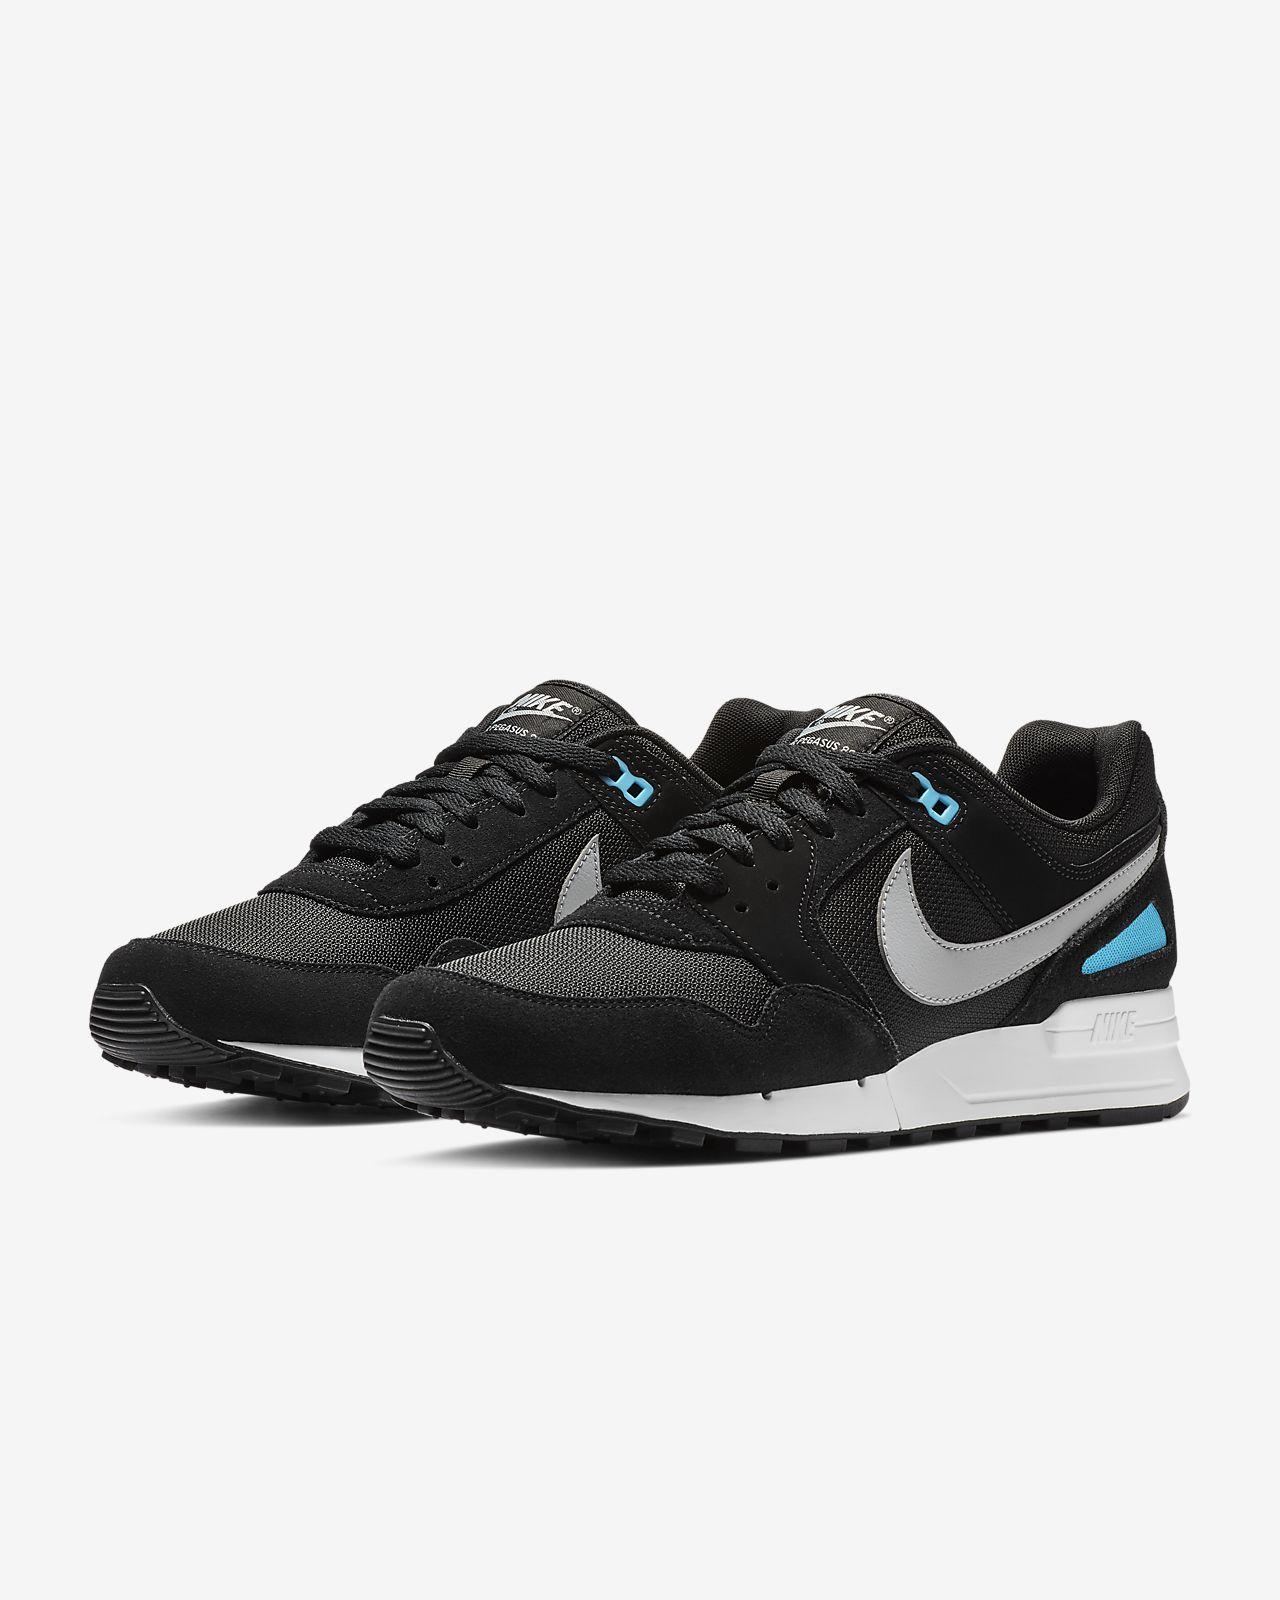 71e7c0d332bf Low Resolution Nike Air Pegasus  89 Men s Shoe Nike Air Pegasus  89 Men s  Shoe